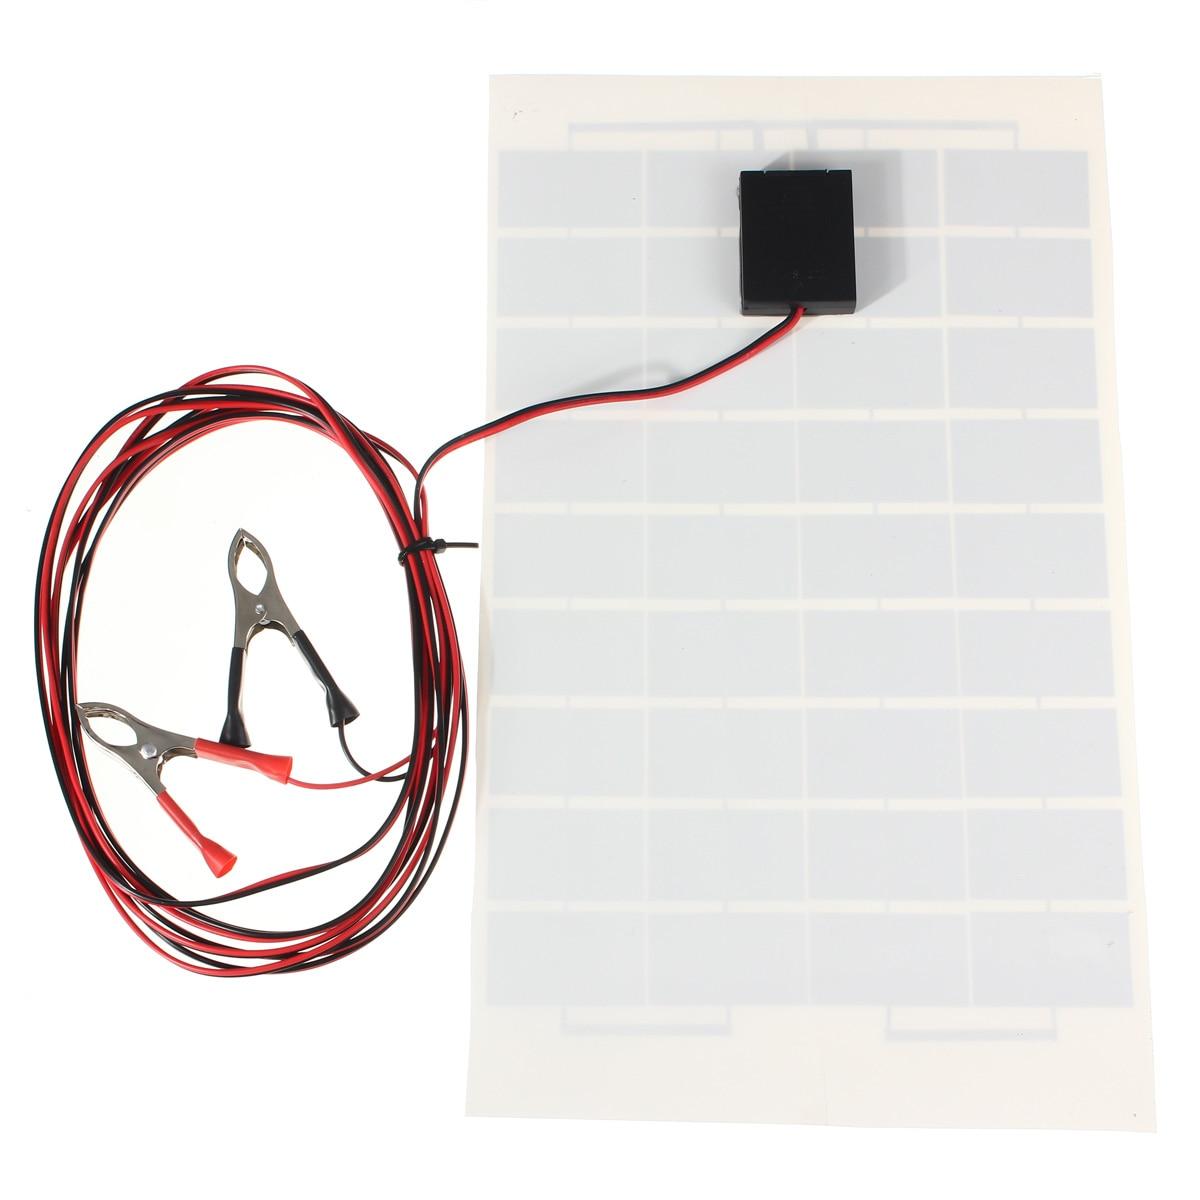 Baterias Solares 4 m de cabo Marca : Claite